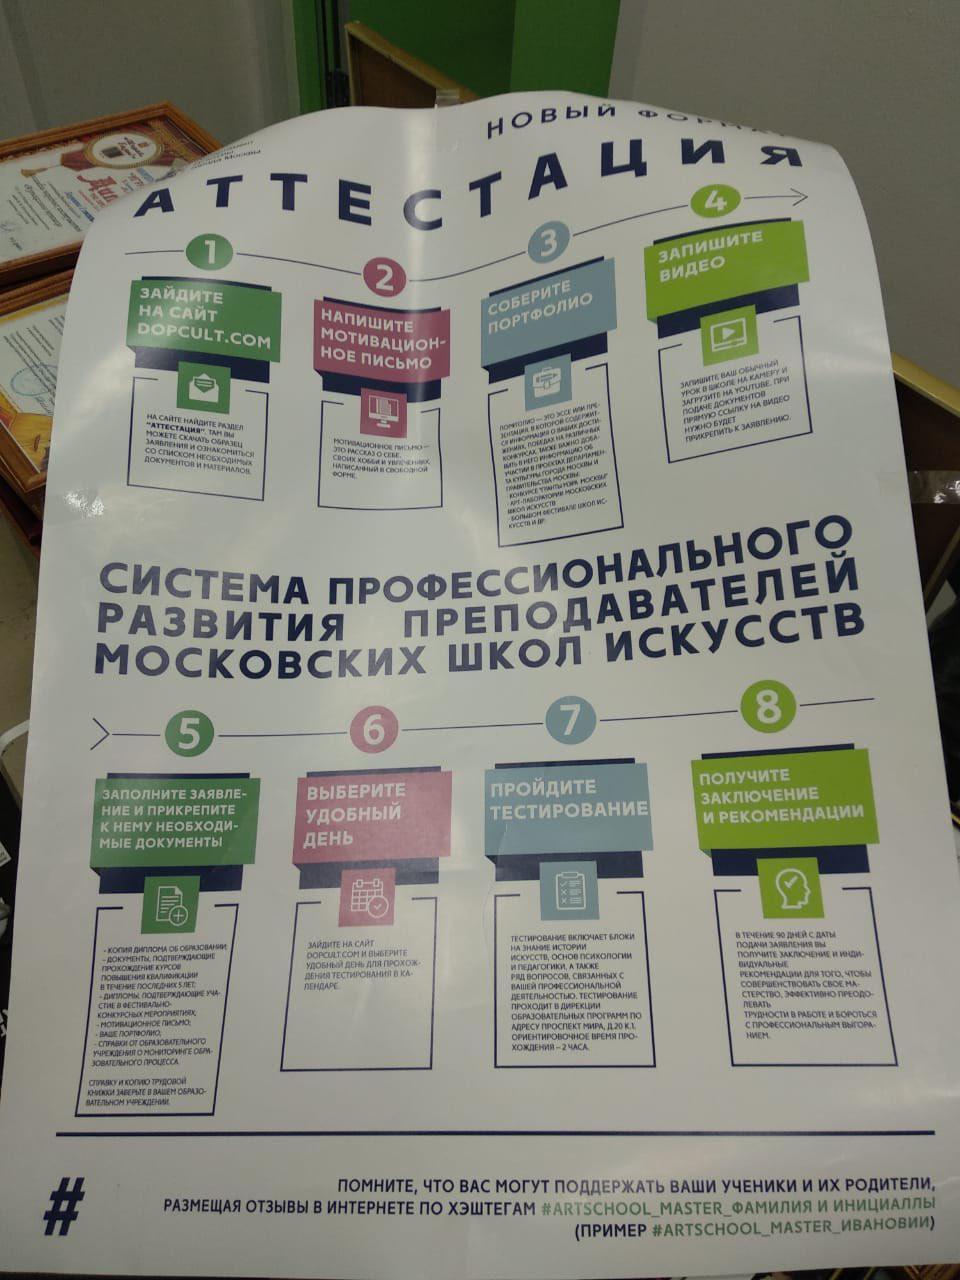 Информационная листовка о новом формате аттестации педагогов и концертмейстеров ДШИ